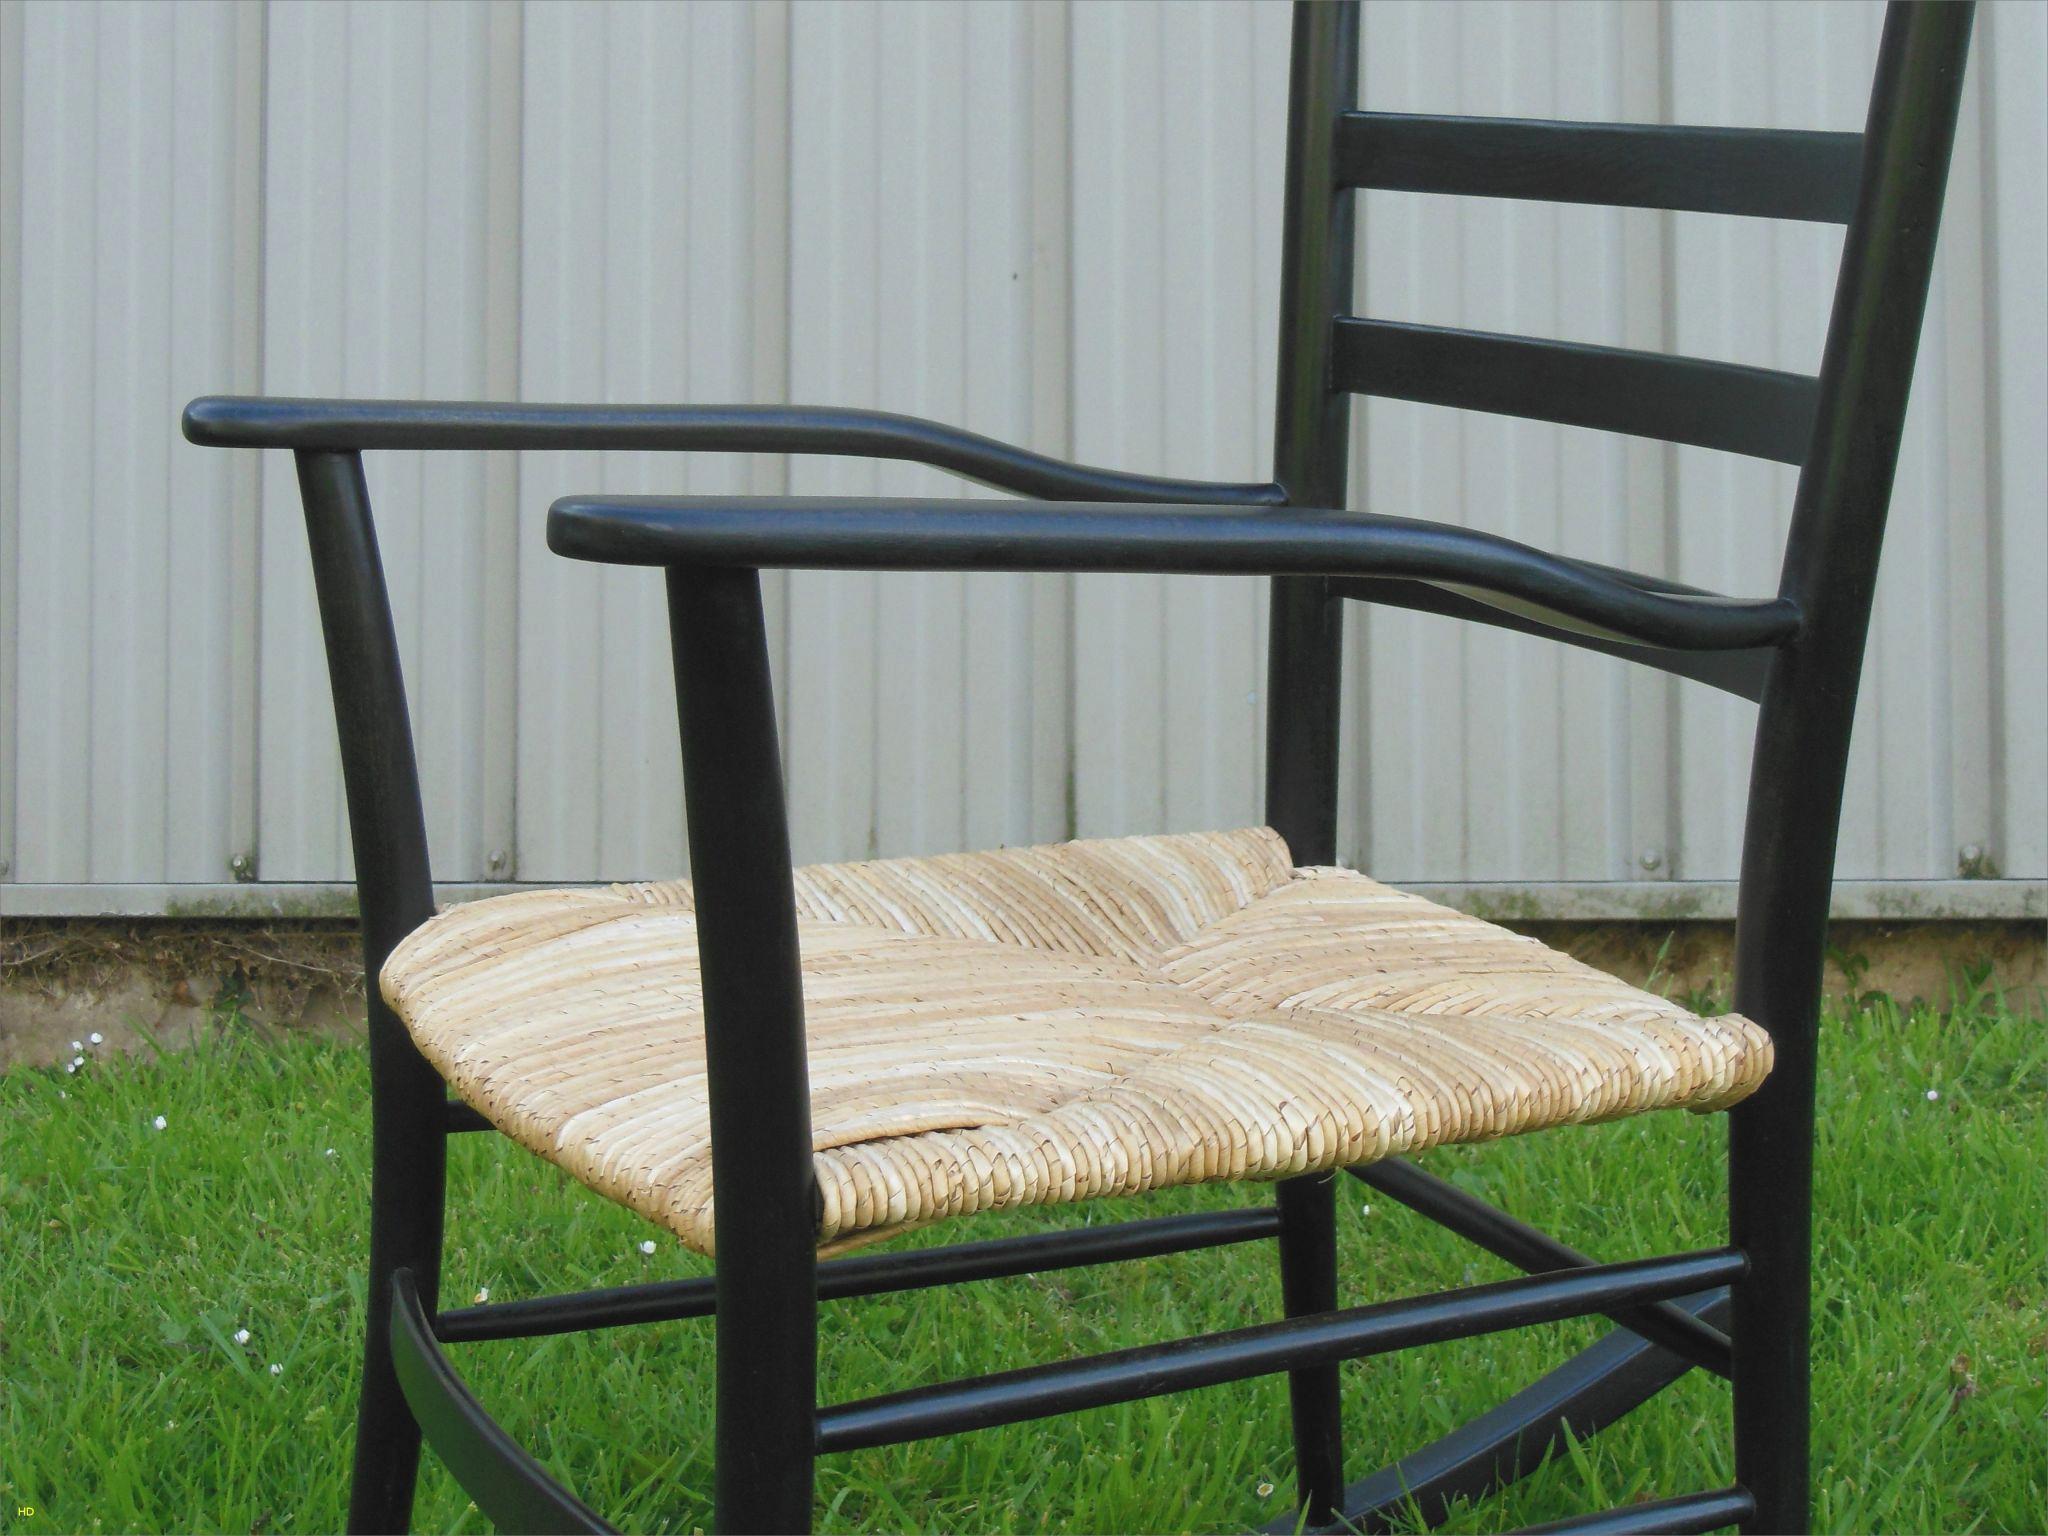 special galerie de chaise palette le meilleur de fauteuil jardin en bois palette et chaise palette plan frais galerie of special galerie de chaise palette